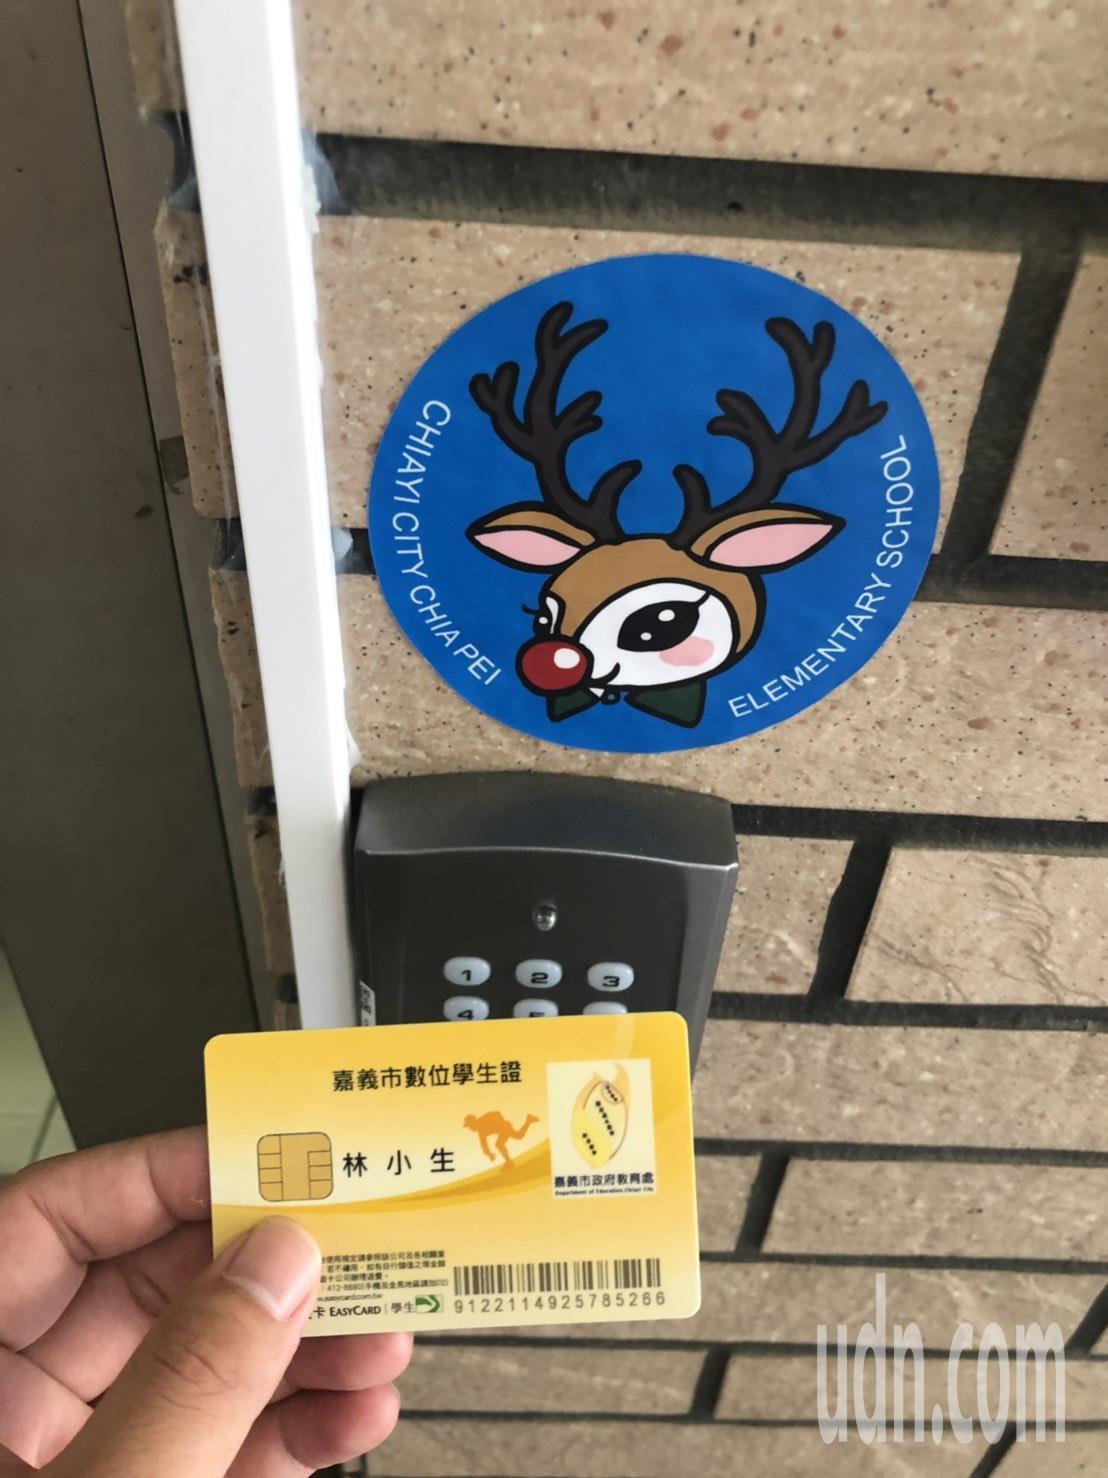 嘉義市府推動「智慧校園」,市長黃敏惠今天上午10點在嘉北國小宣布啟用「數位學生證...